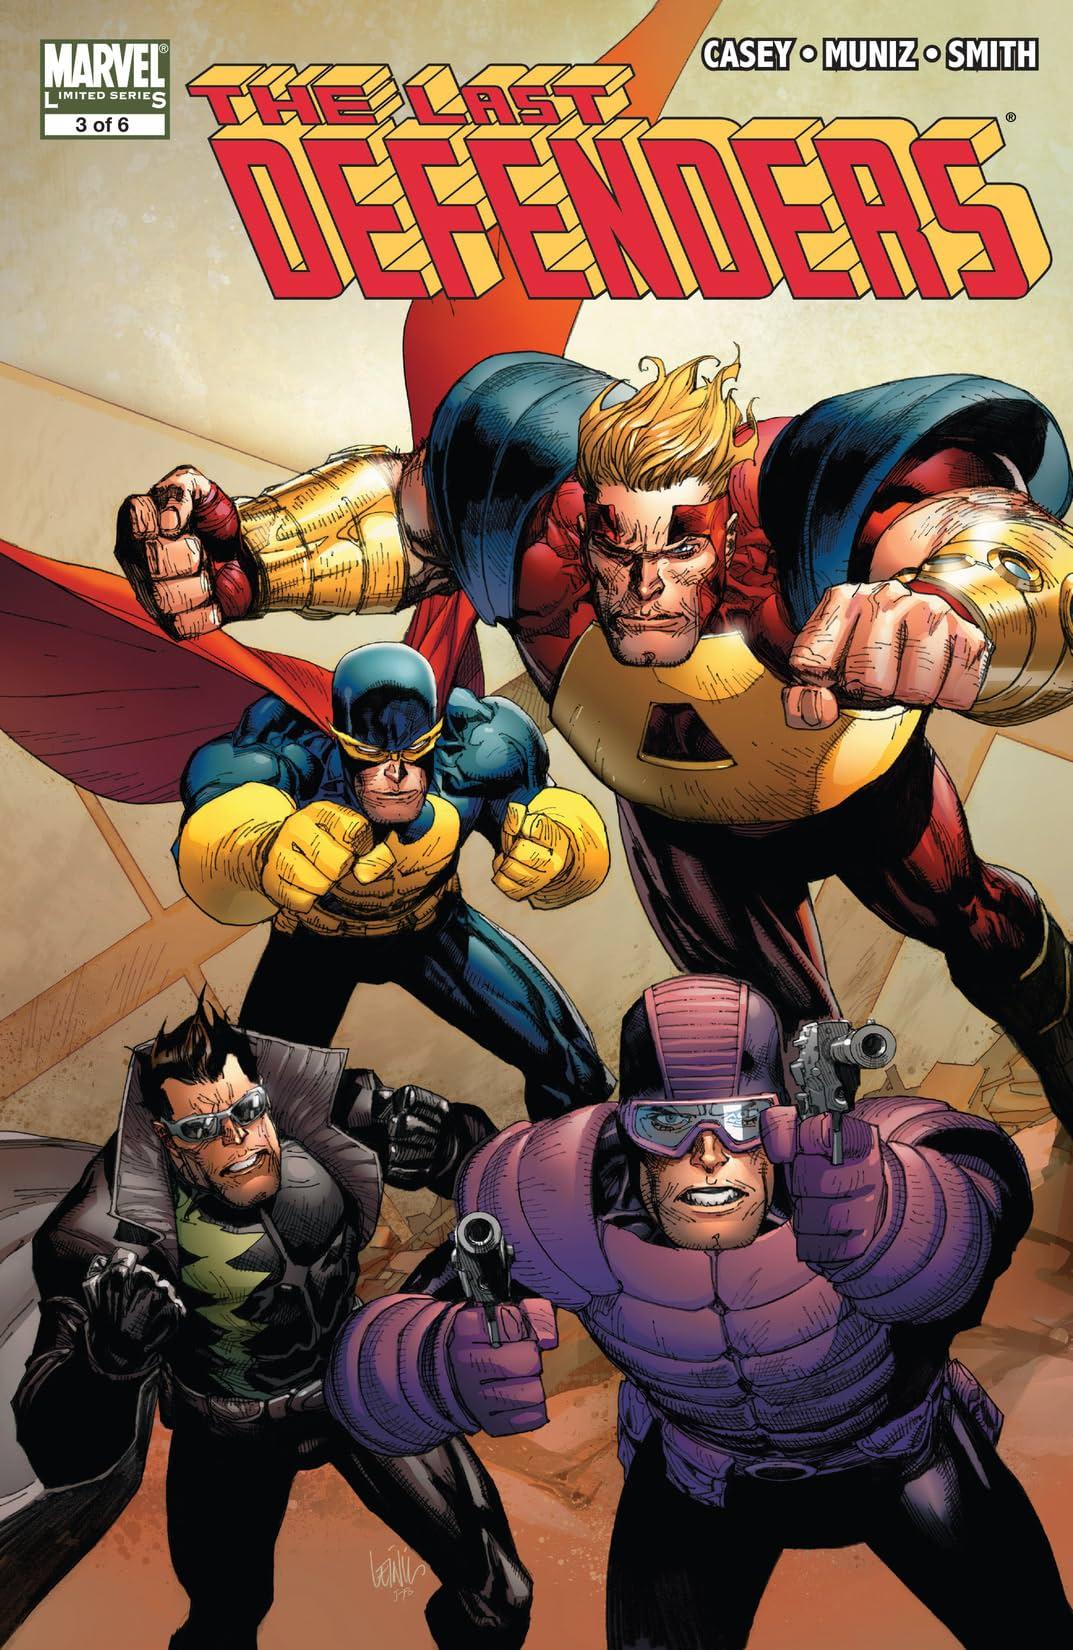 The Last Defenders (2008) #3 (of 6)